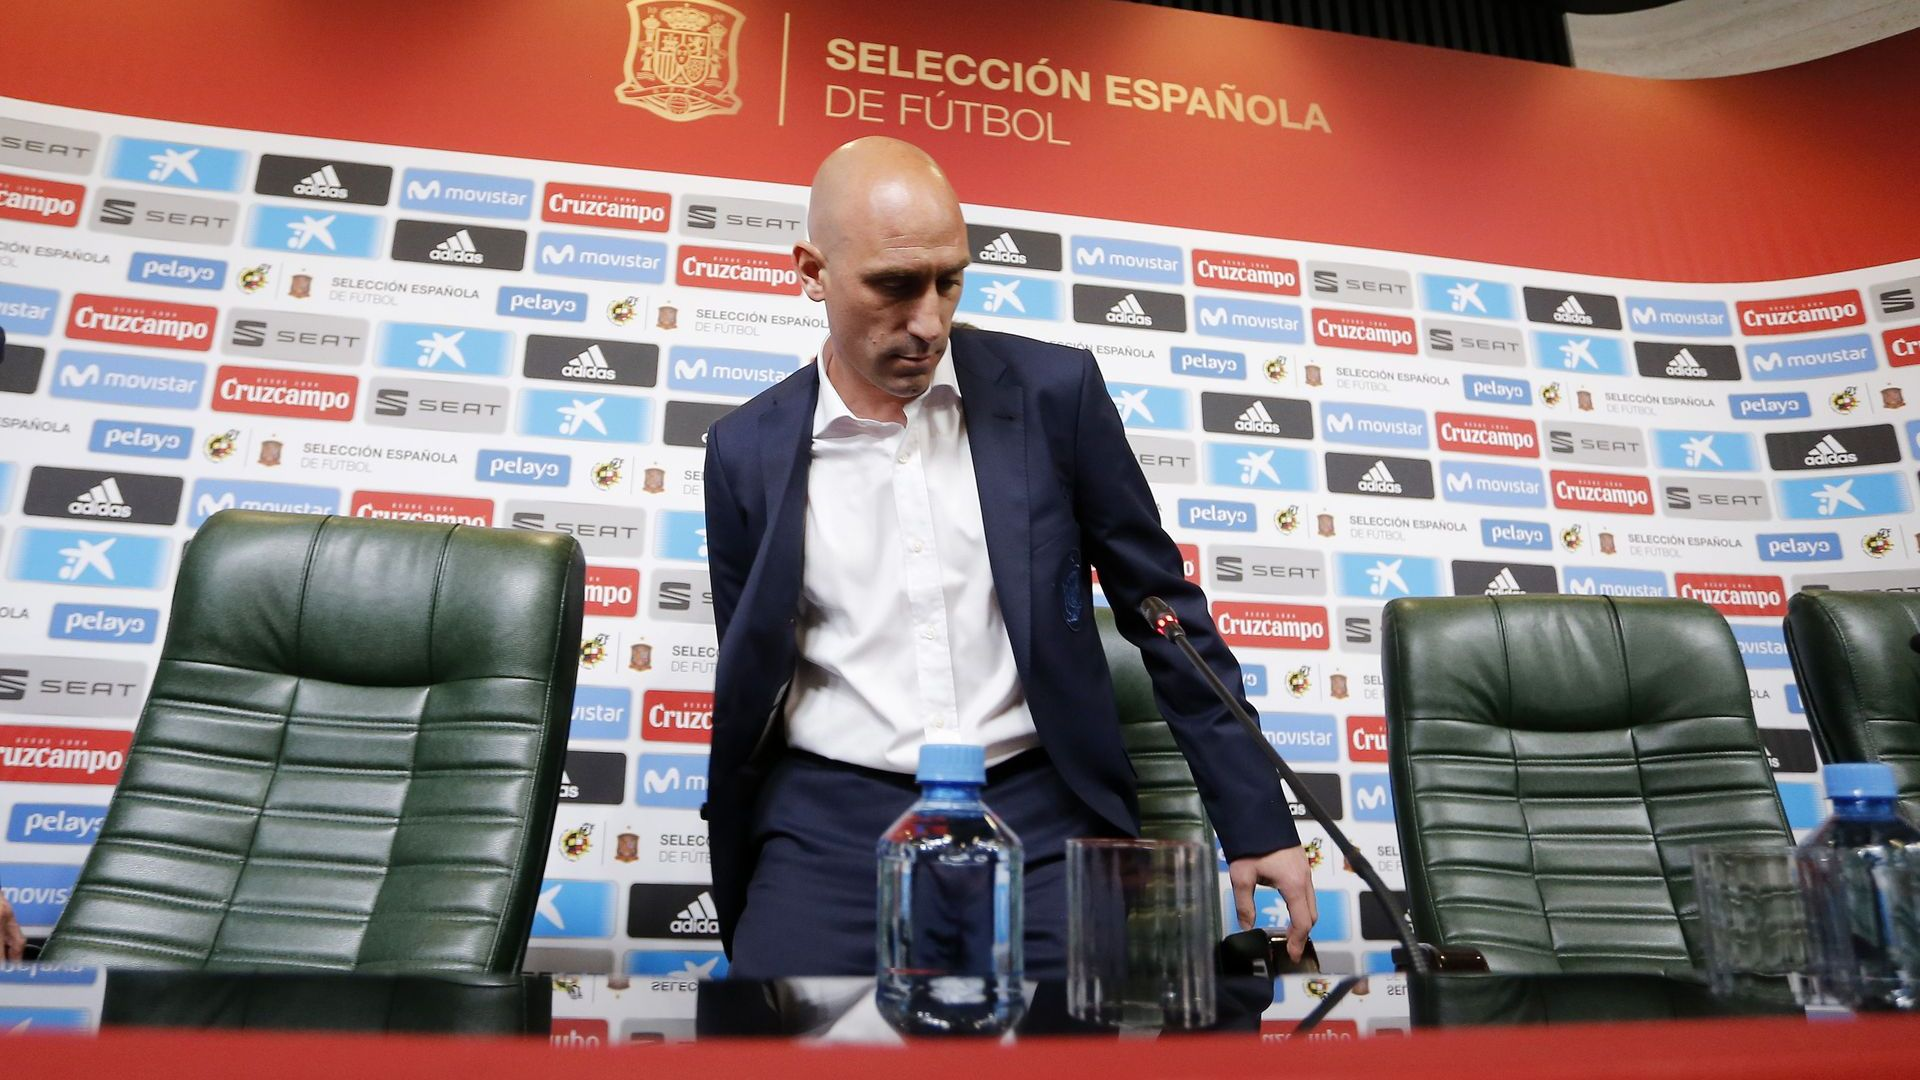 Нов скандал в Испания, шефът на футбола фалшифицирал документи